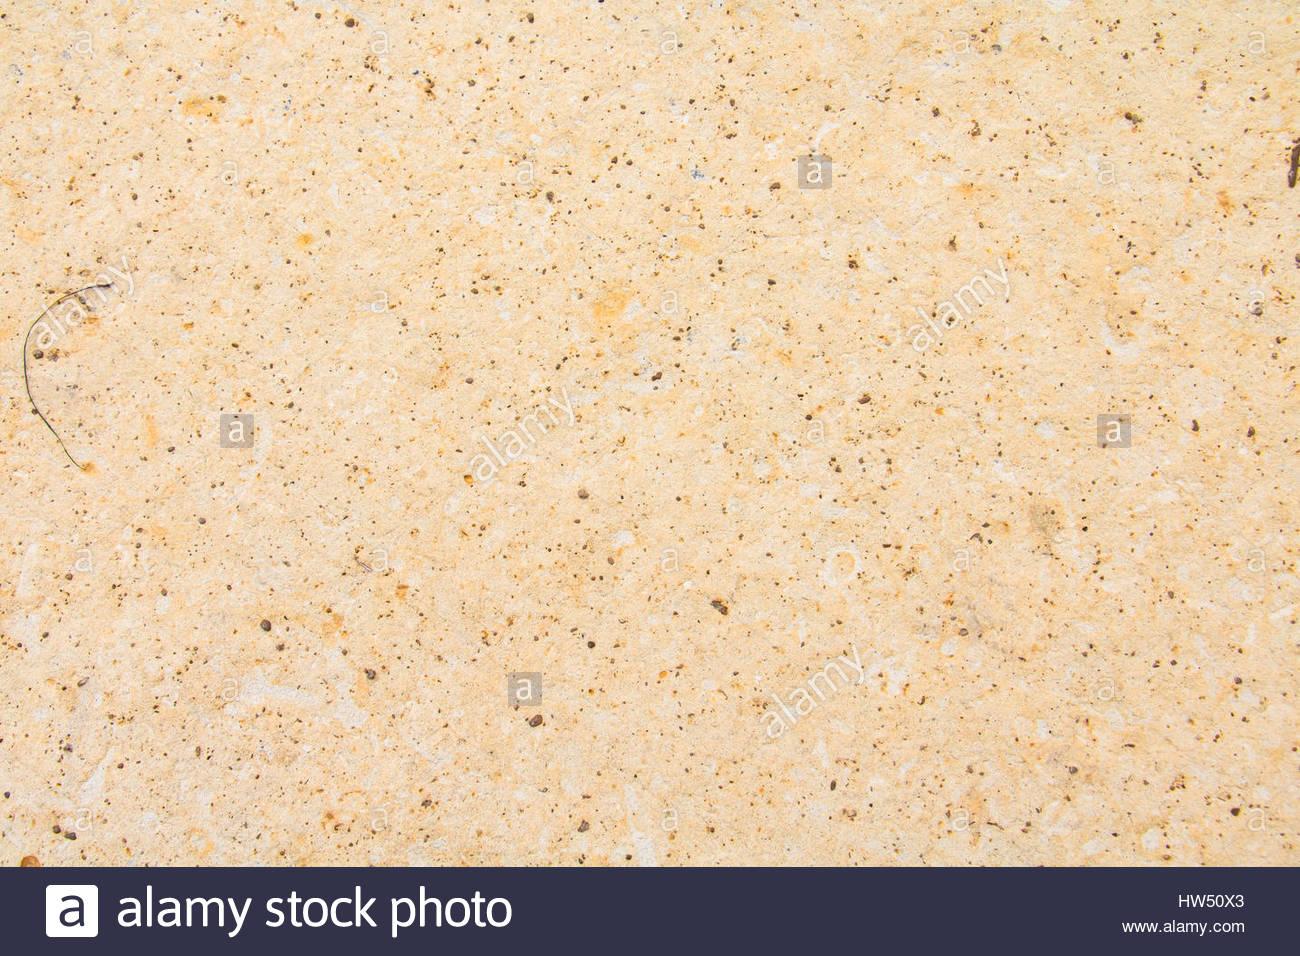 La texture di sfondo astratto, vista ravvicinata di strutturato colorati beige sabbia in spiaggia in Malsaforn Gozo Immagini Stock